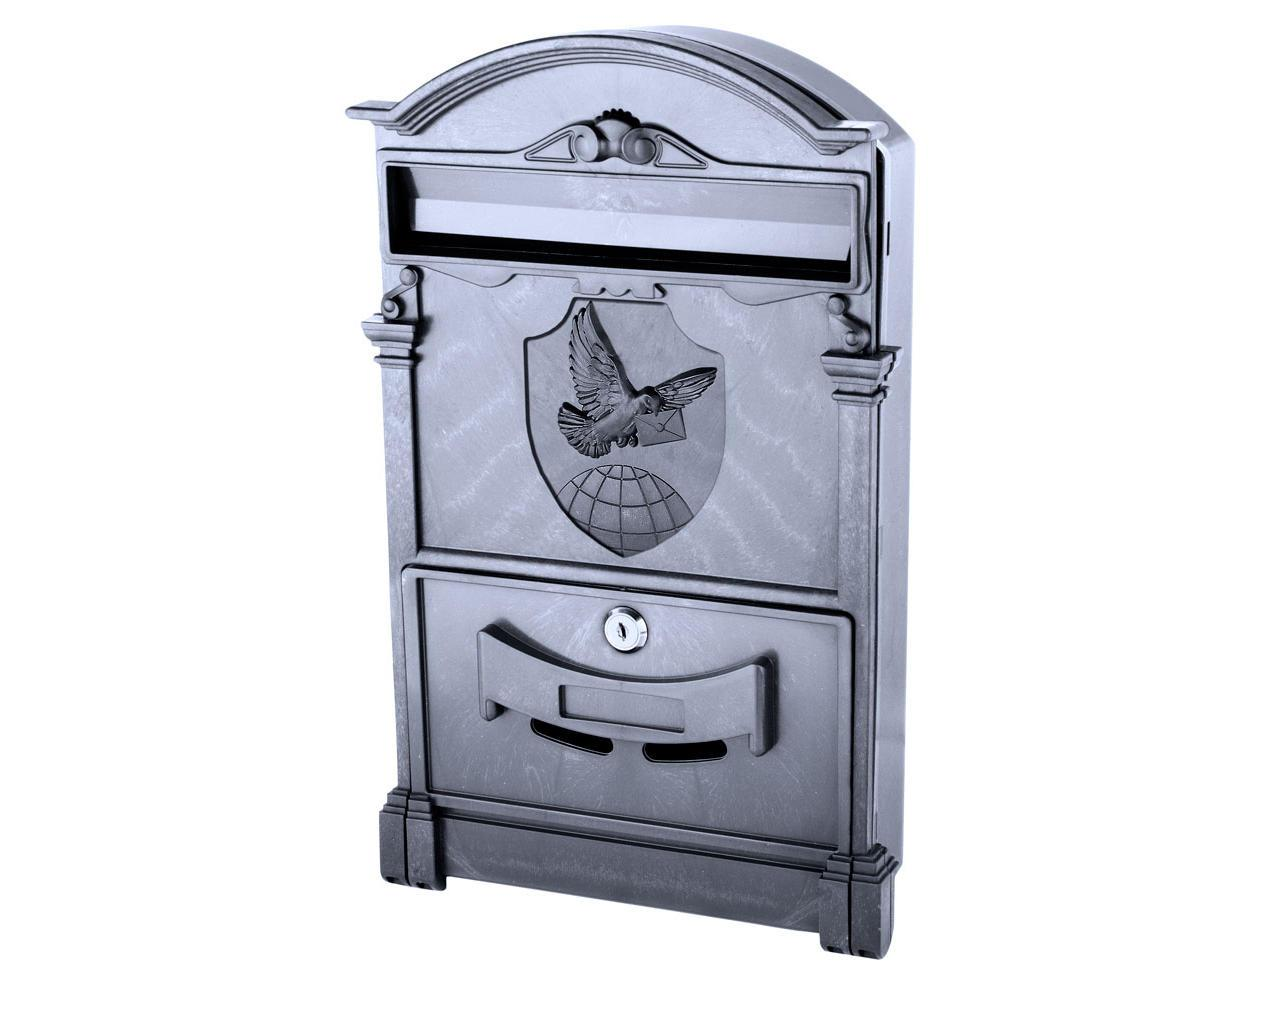 Поштова скринька VITA колір чорний Герб Голуб